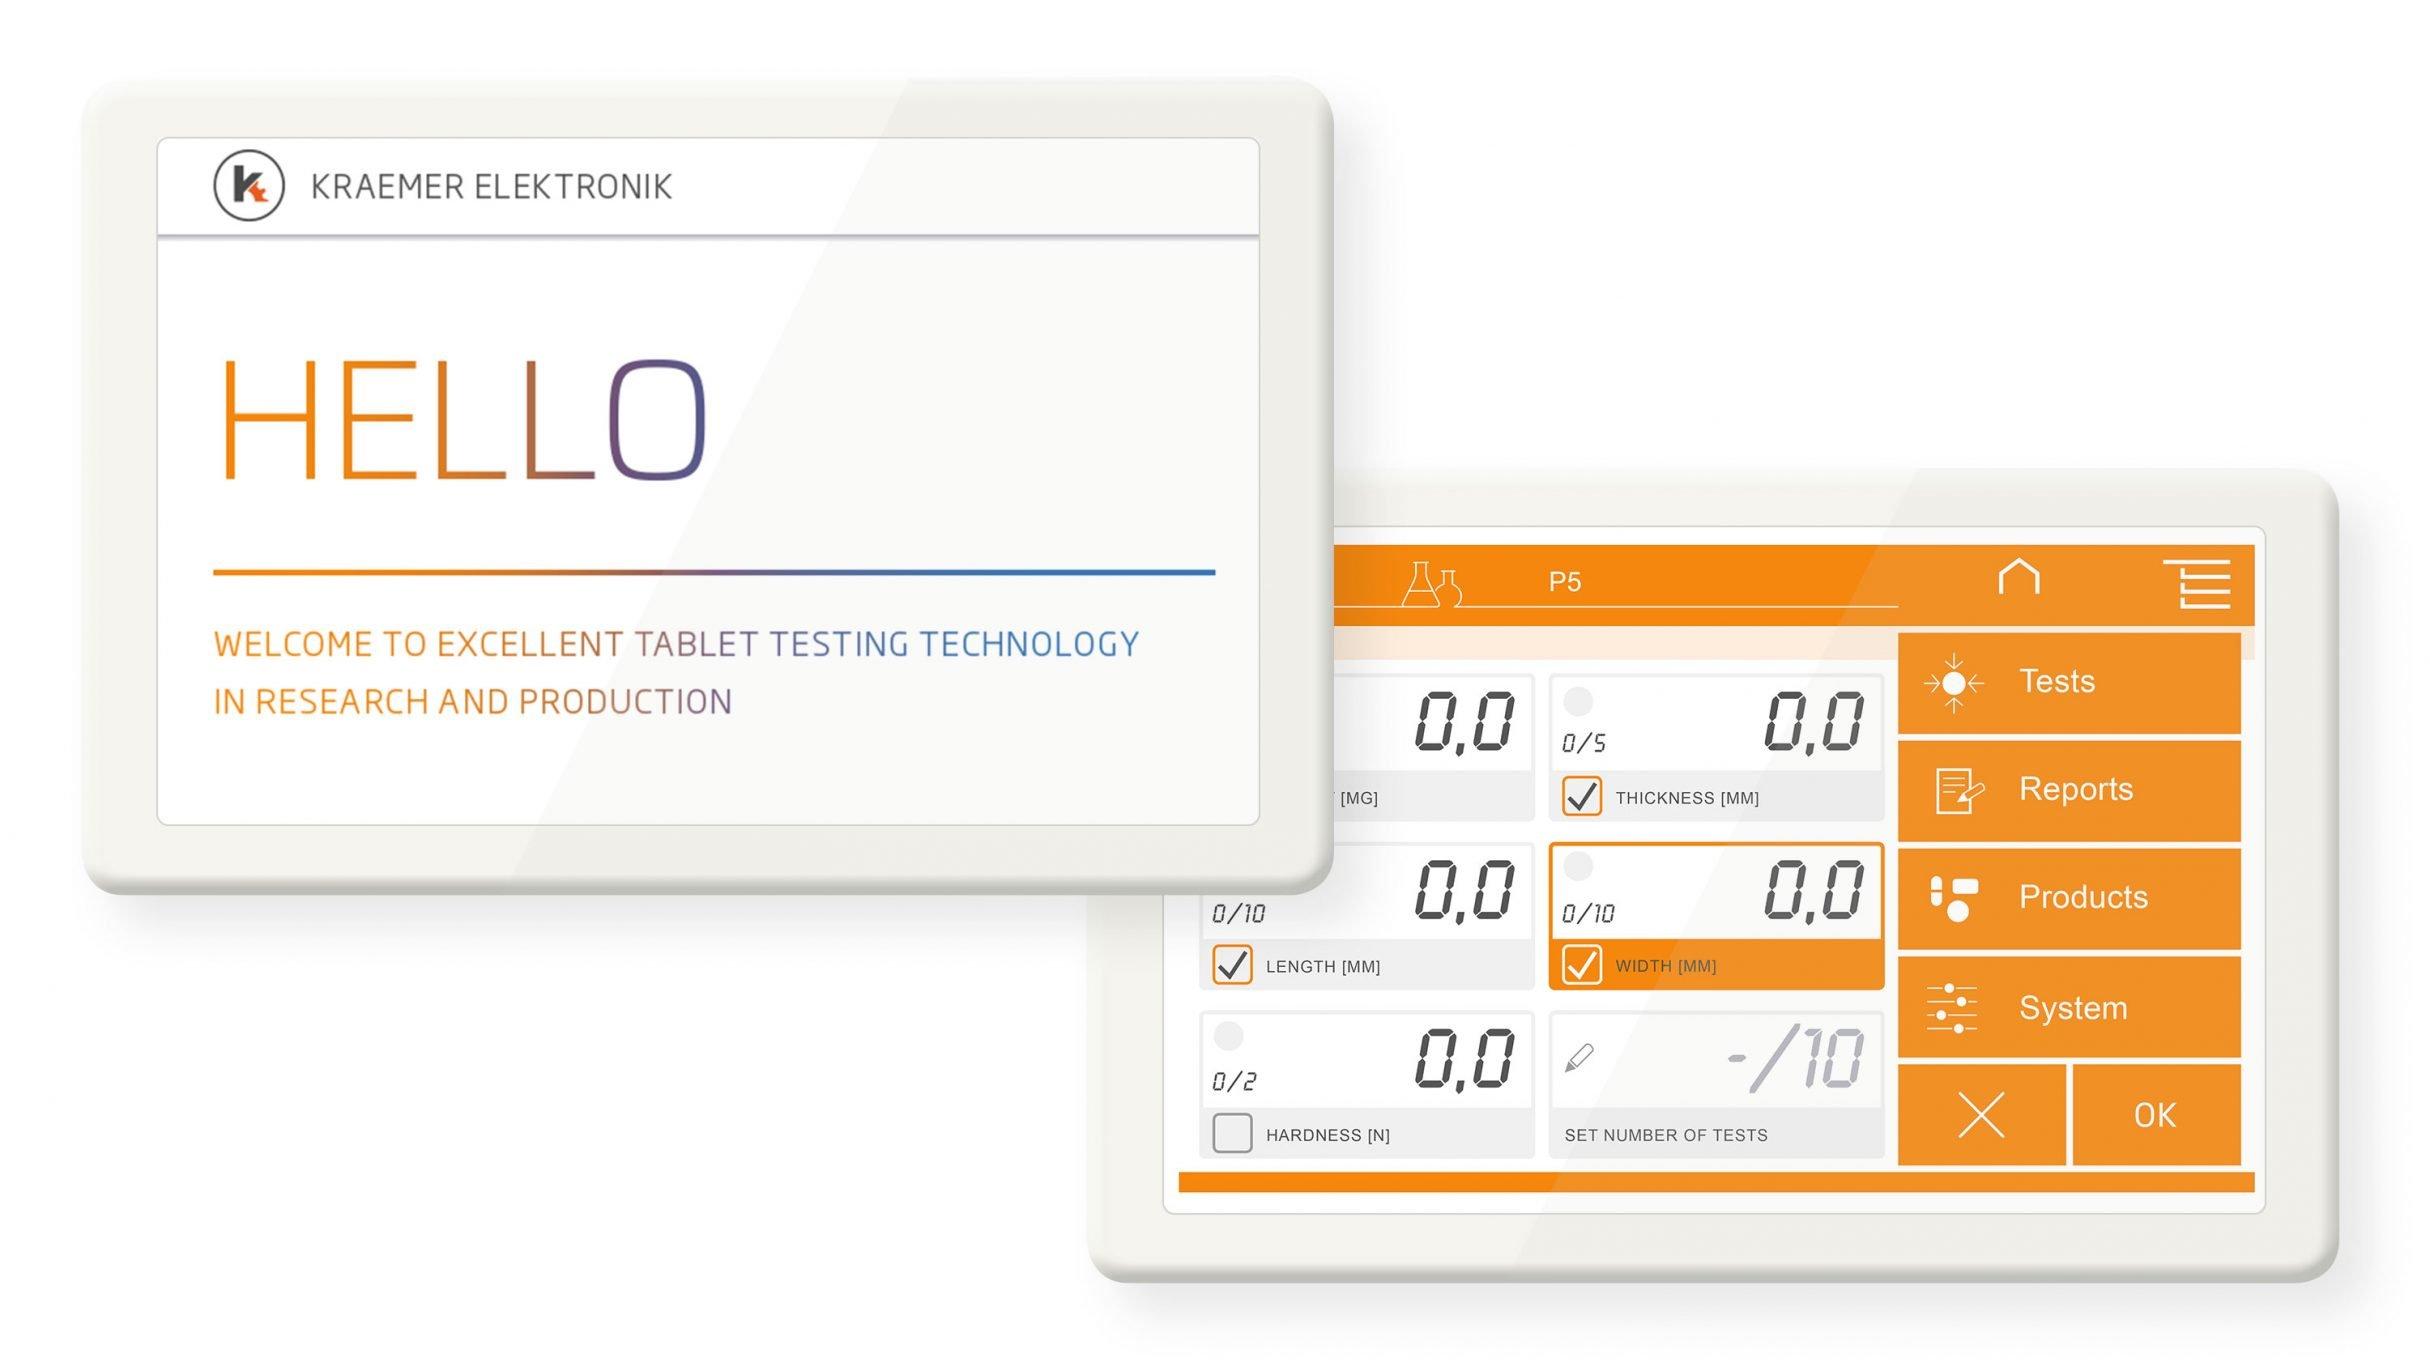 Bedienkonzept Touchscreen für Kraemer Elektronik: DIE NEUDENKER® Agentur, Darmstadt